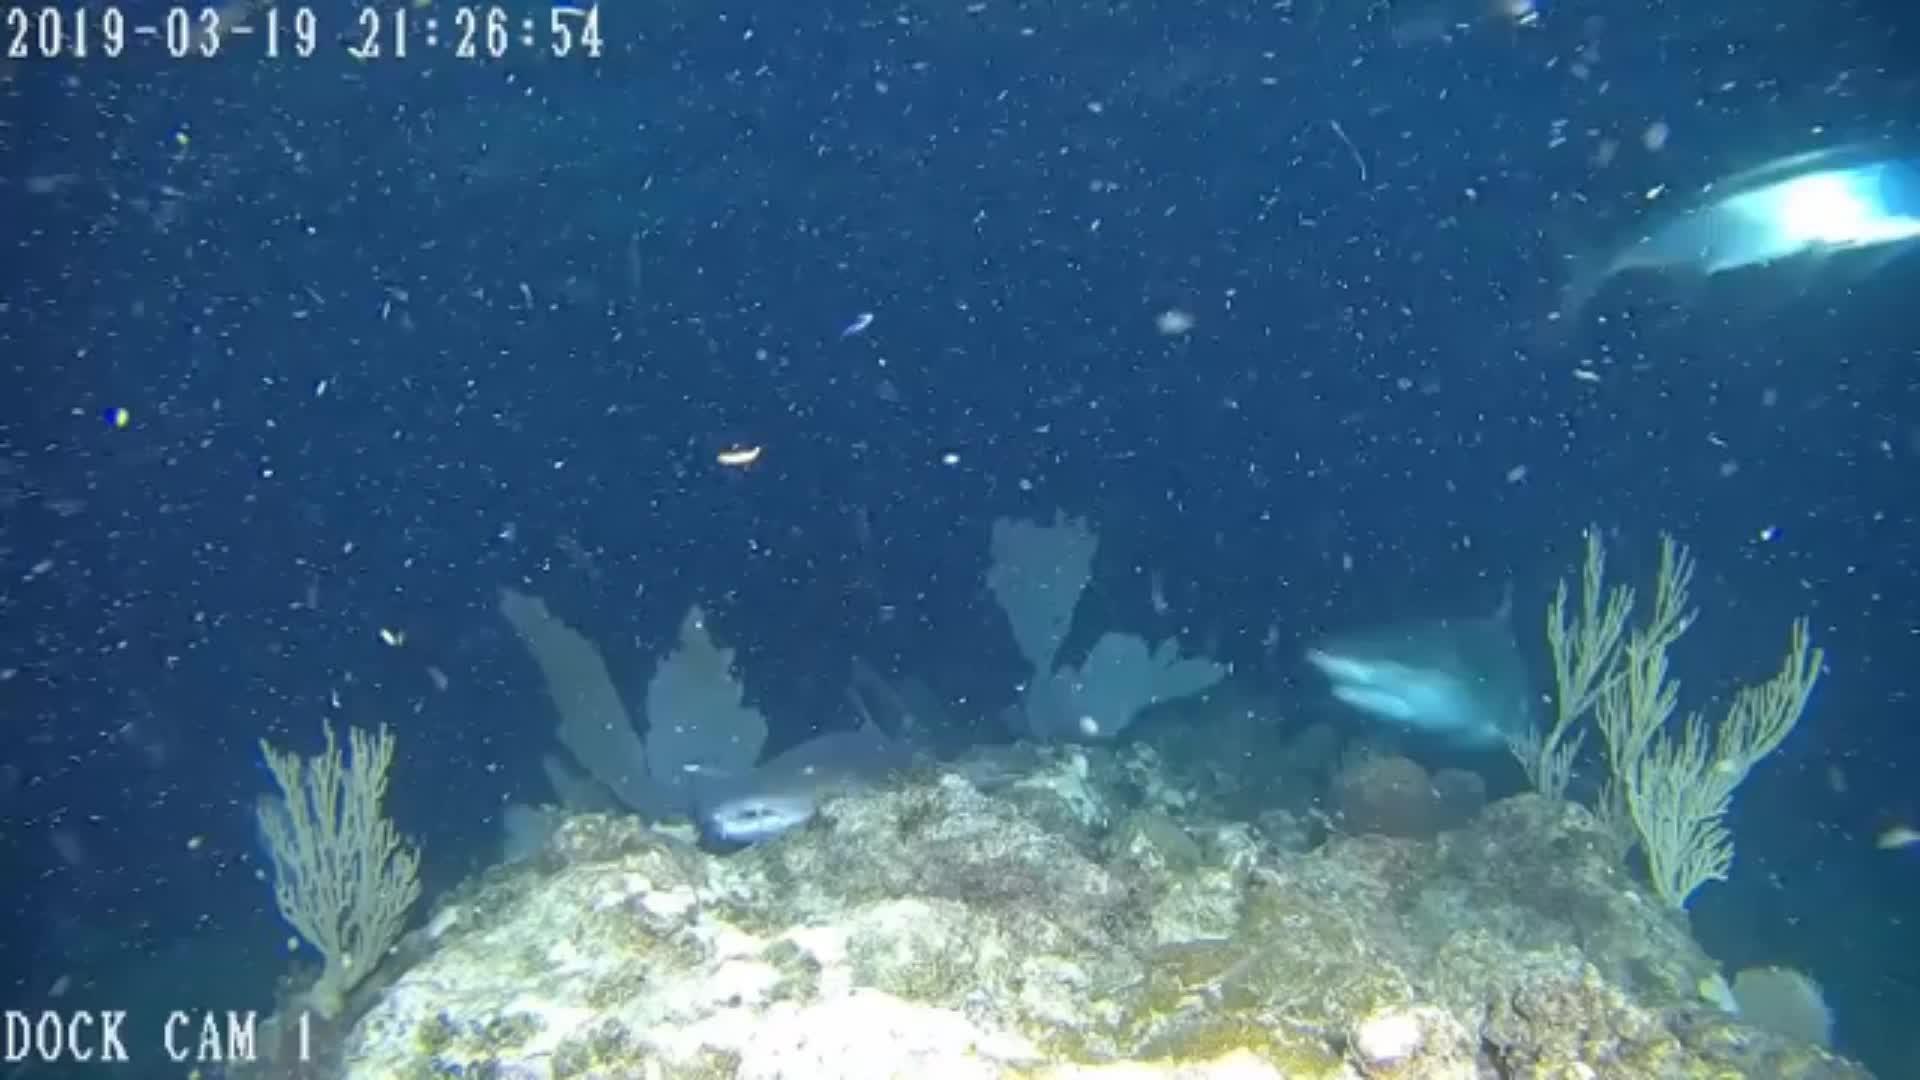 IP68 กันน้ำการตรวจสอบการตรวจสอบ professional fish finder วิดีโอกล้องวงจรปิด ip กล้องตกปลาใต้น้ำ